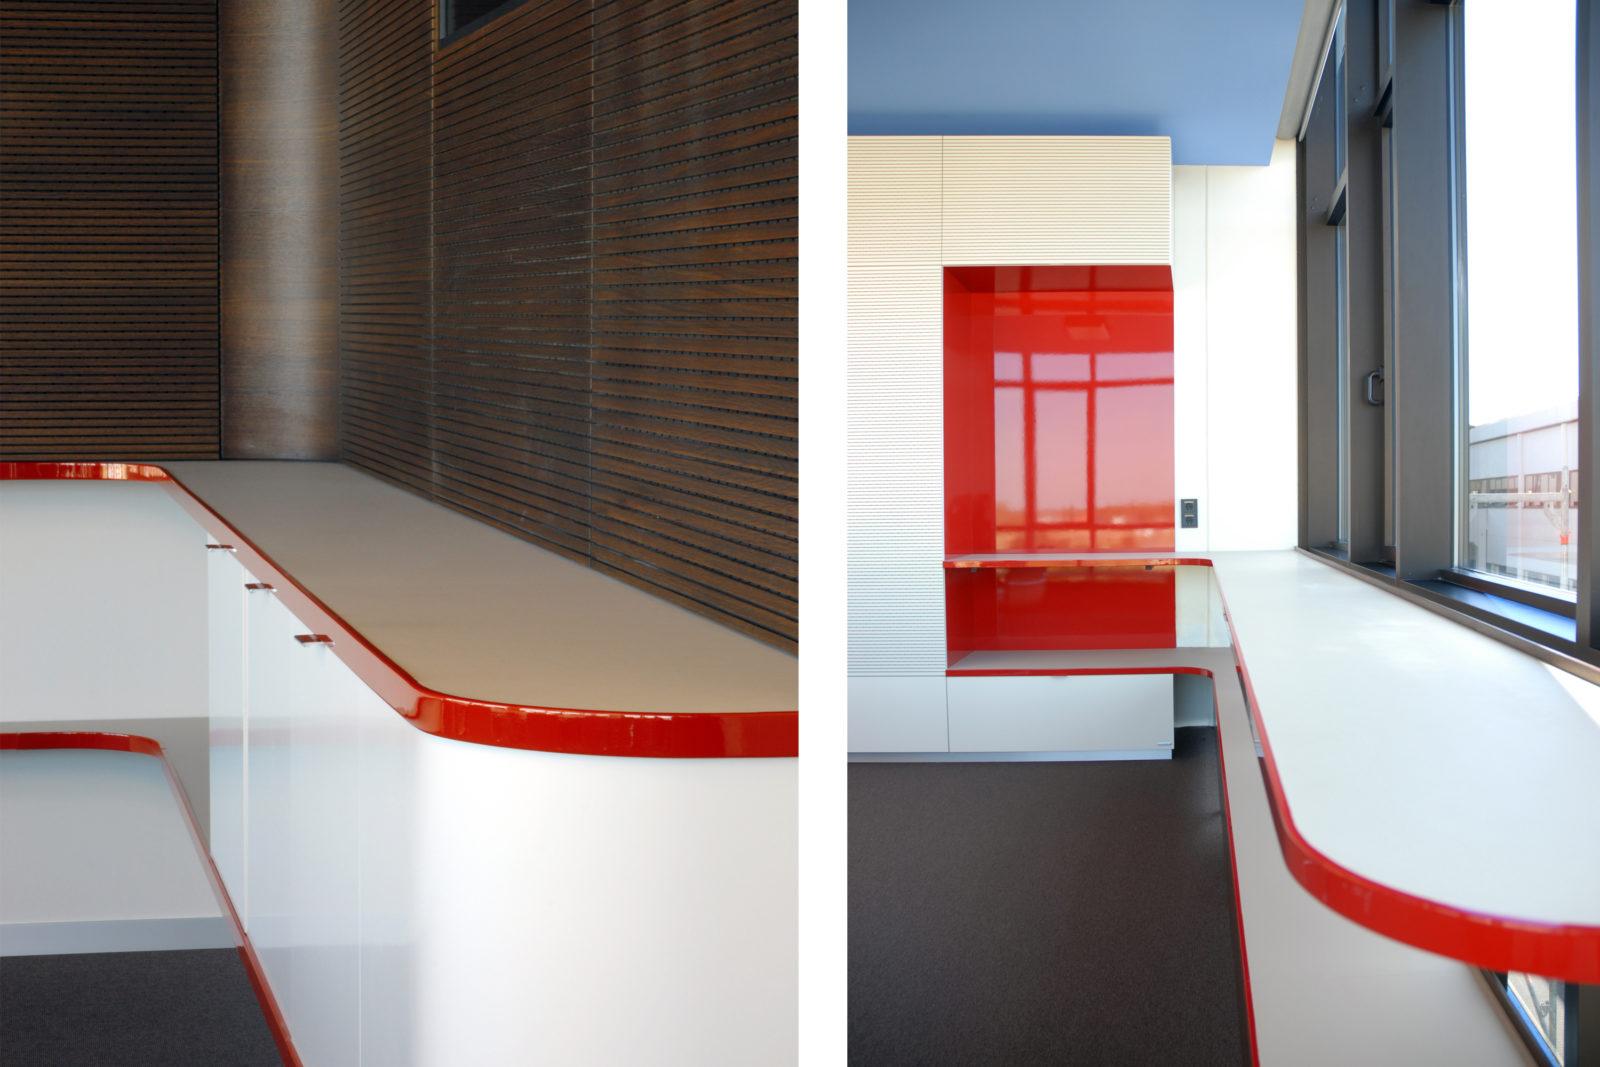 Neugestaltung Geschäftsräume GiSA GmbH in Halle - Detail Konferenzraum